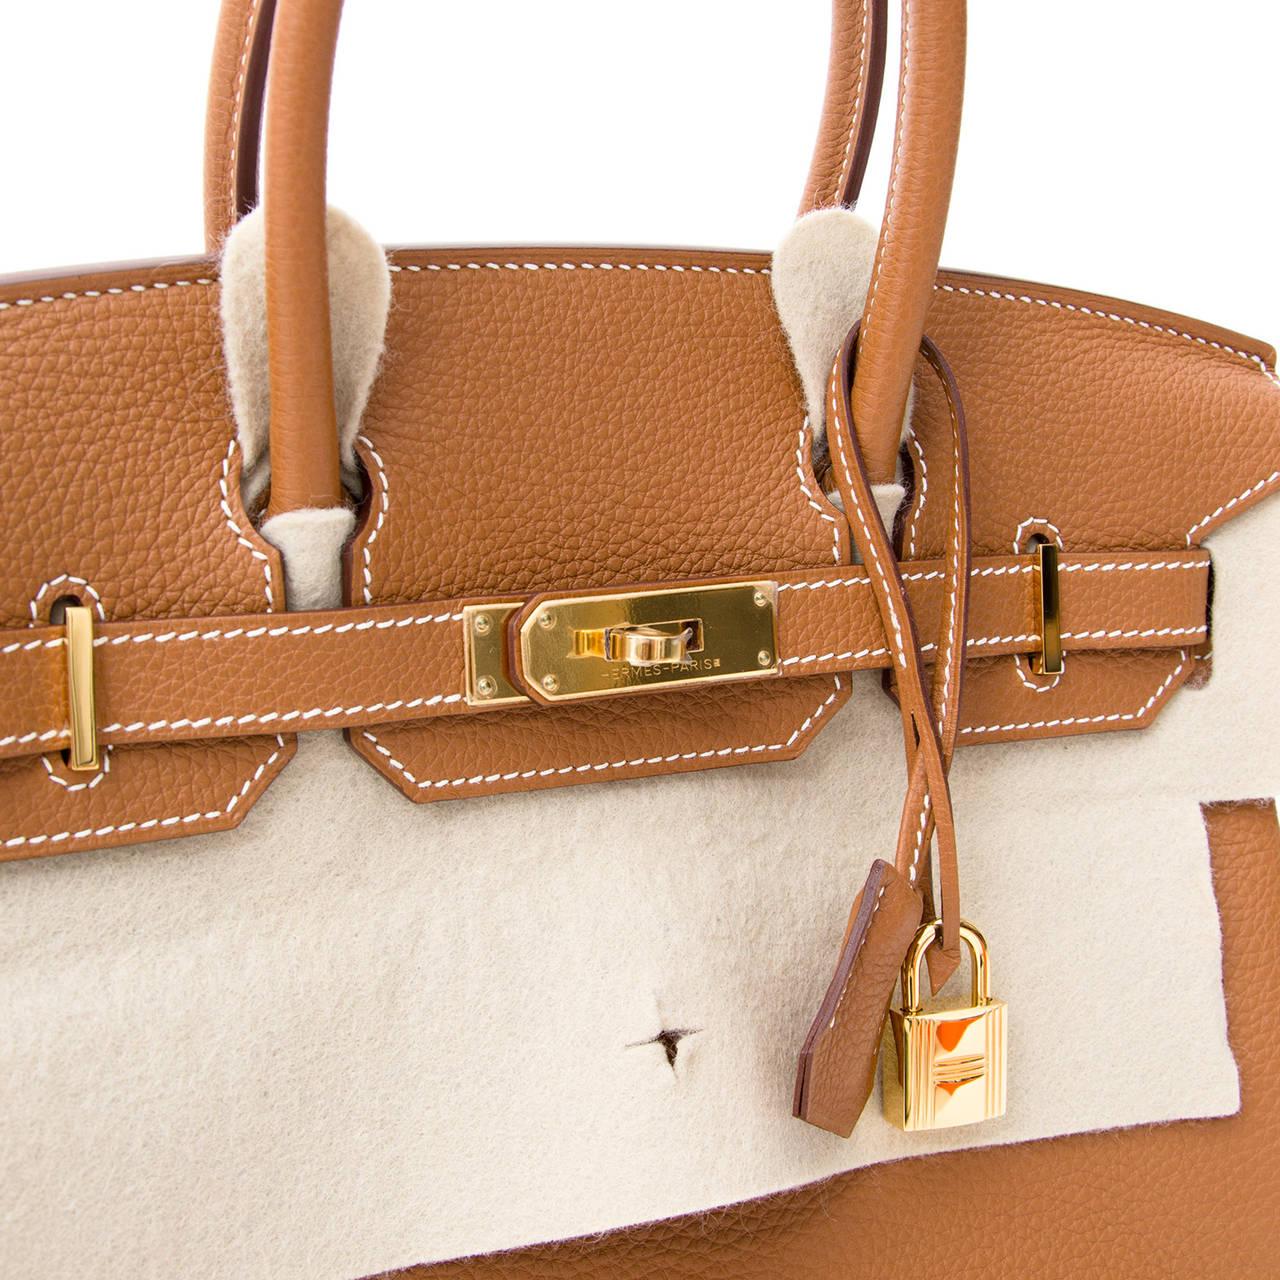 Hermès Birkin Gold Togo 30 GHW 6